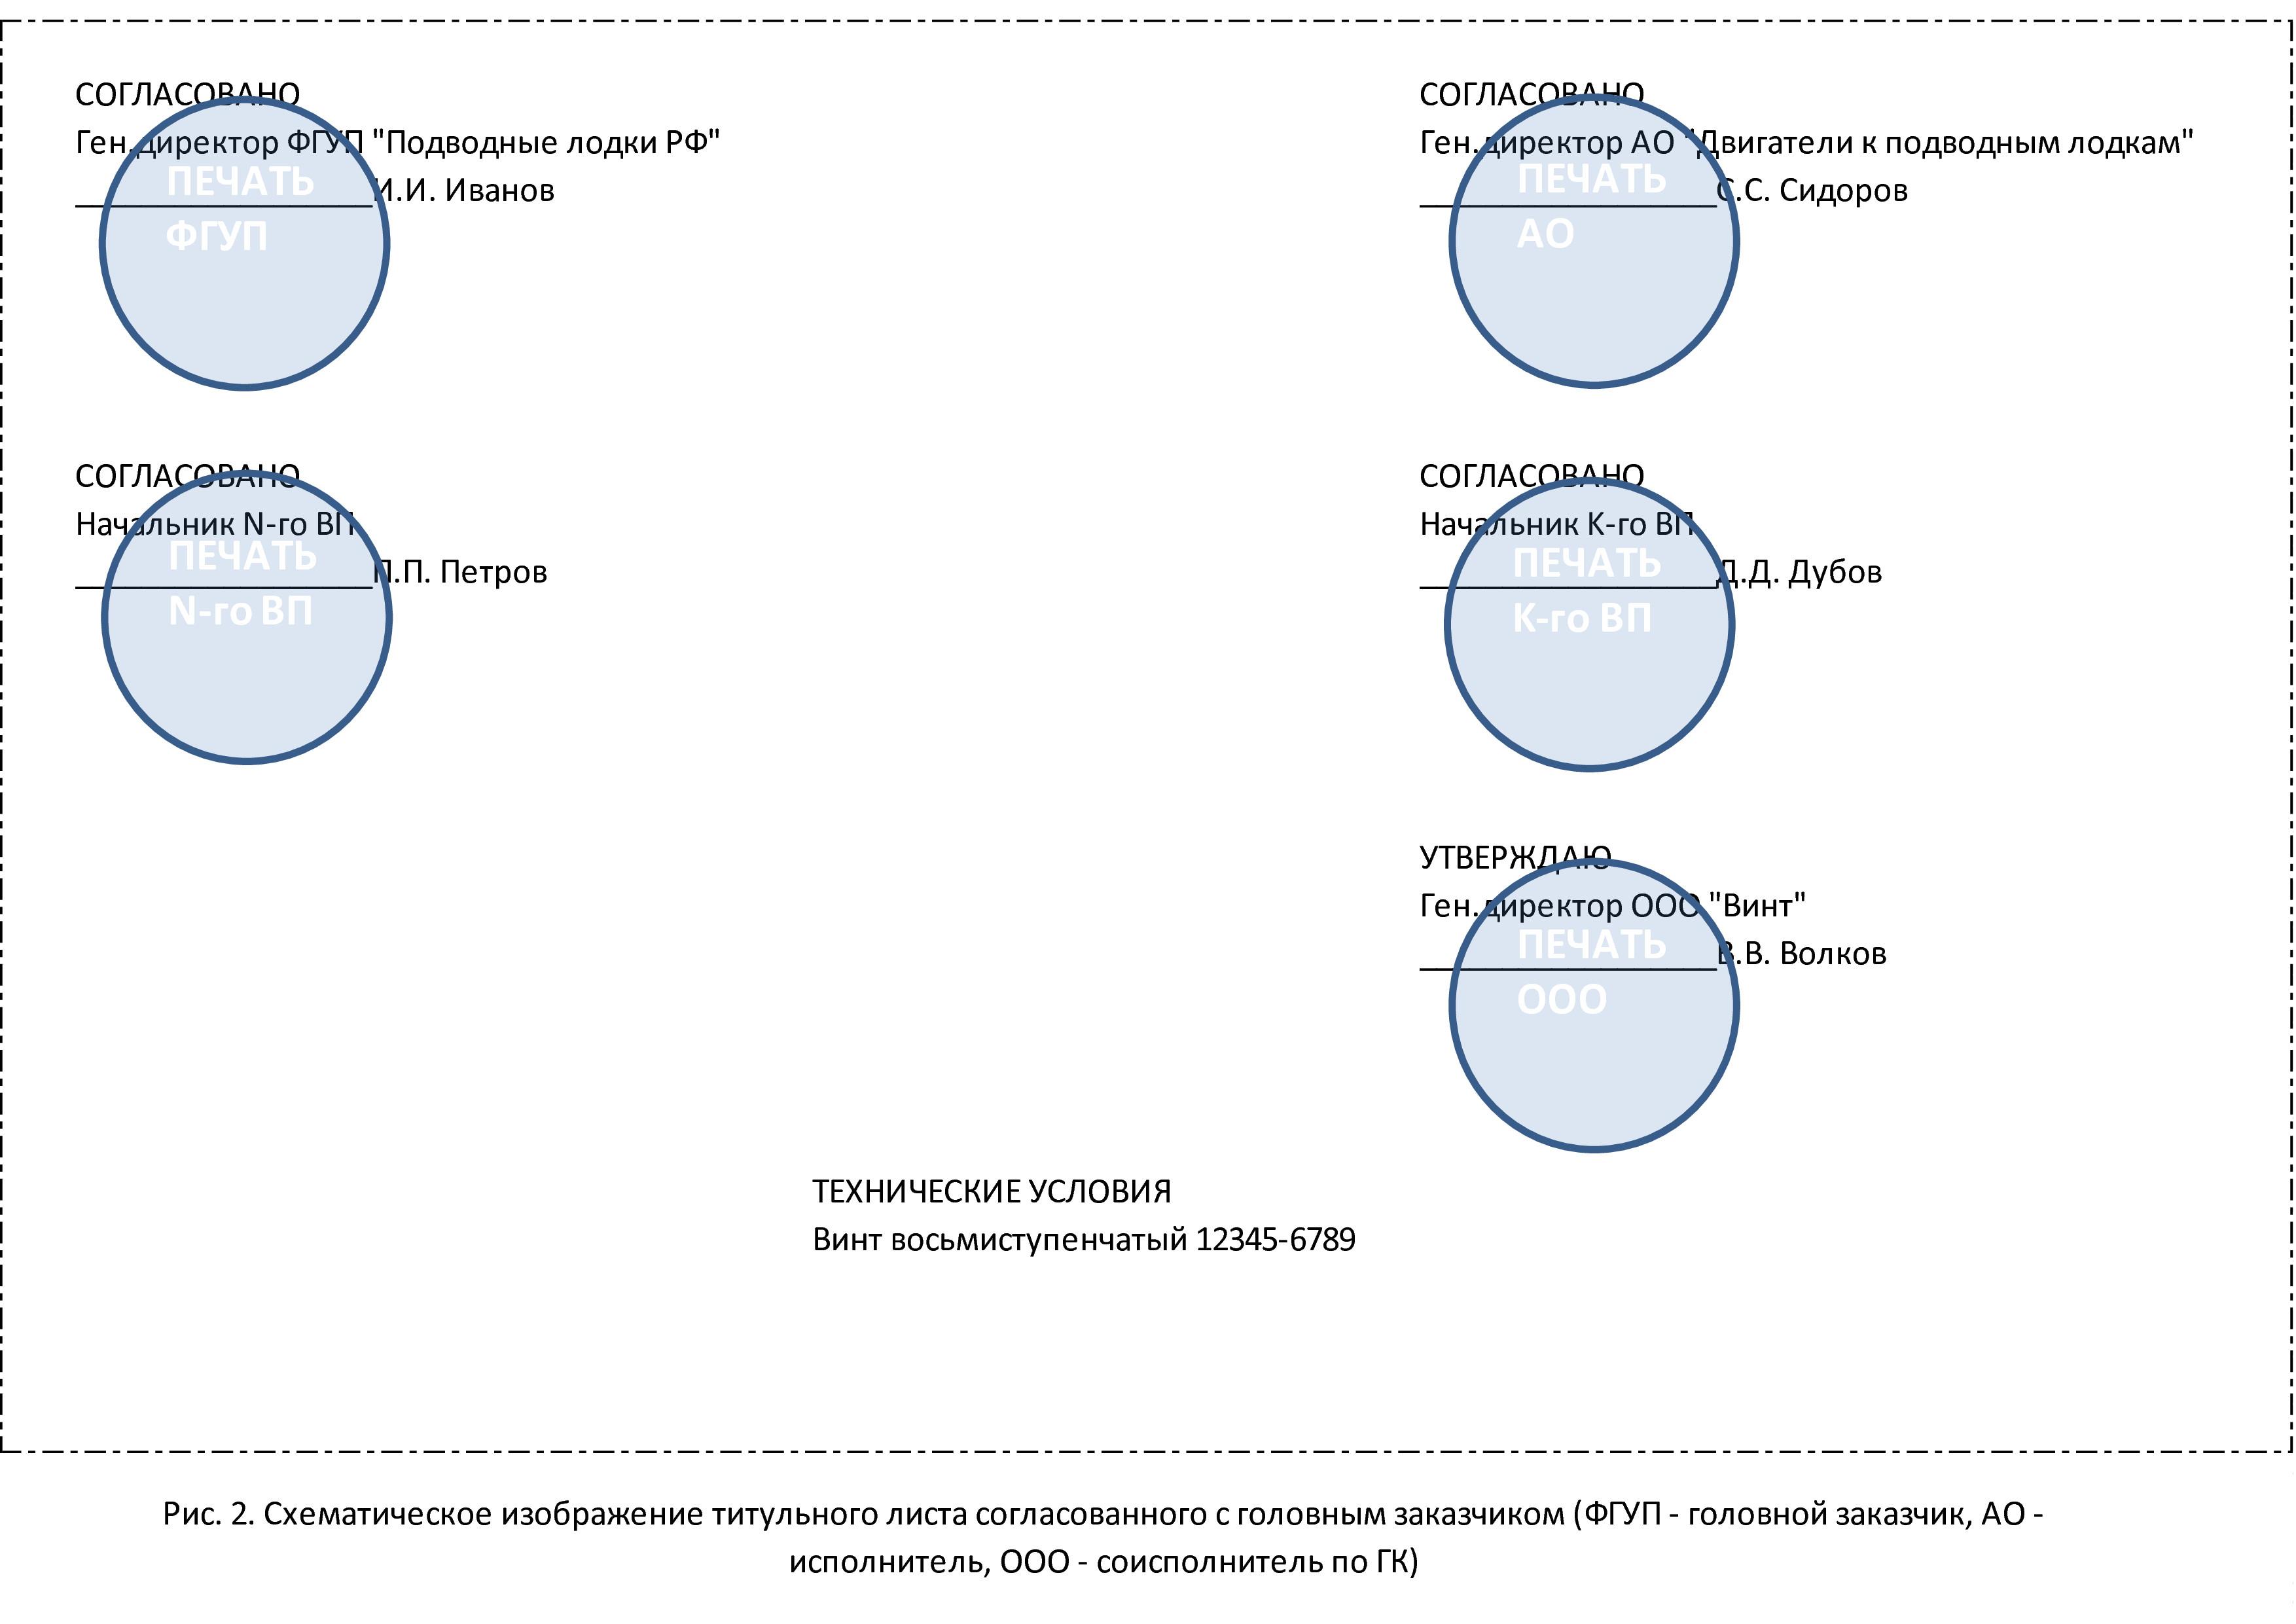 Согласование технической документации в рамках ГОЗ